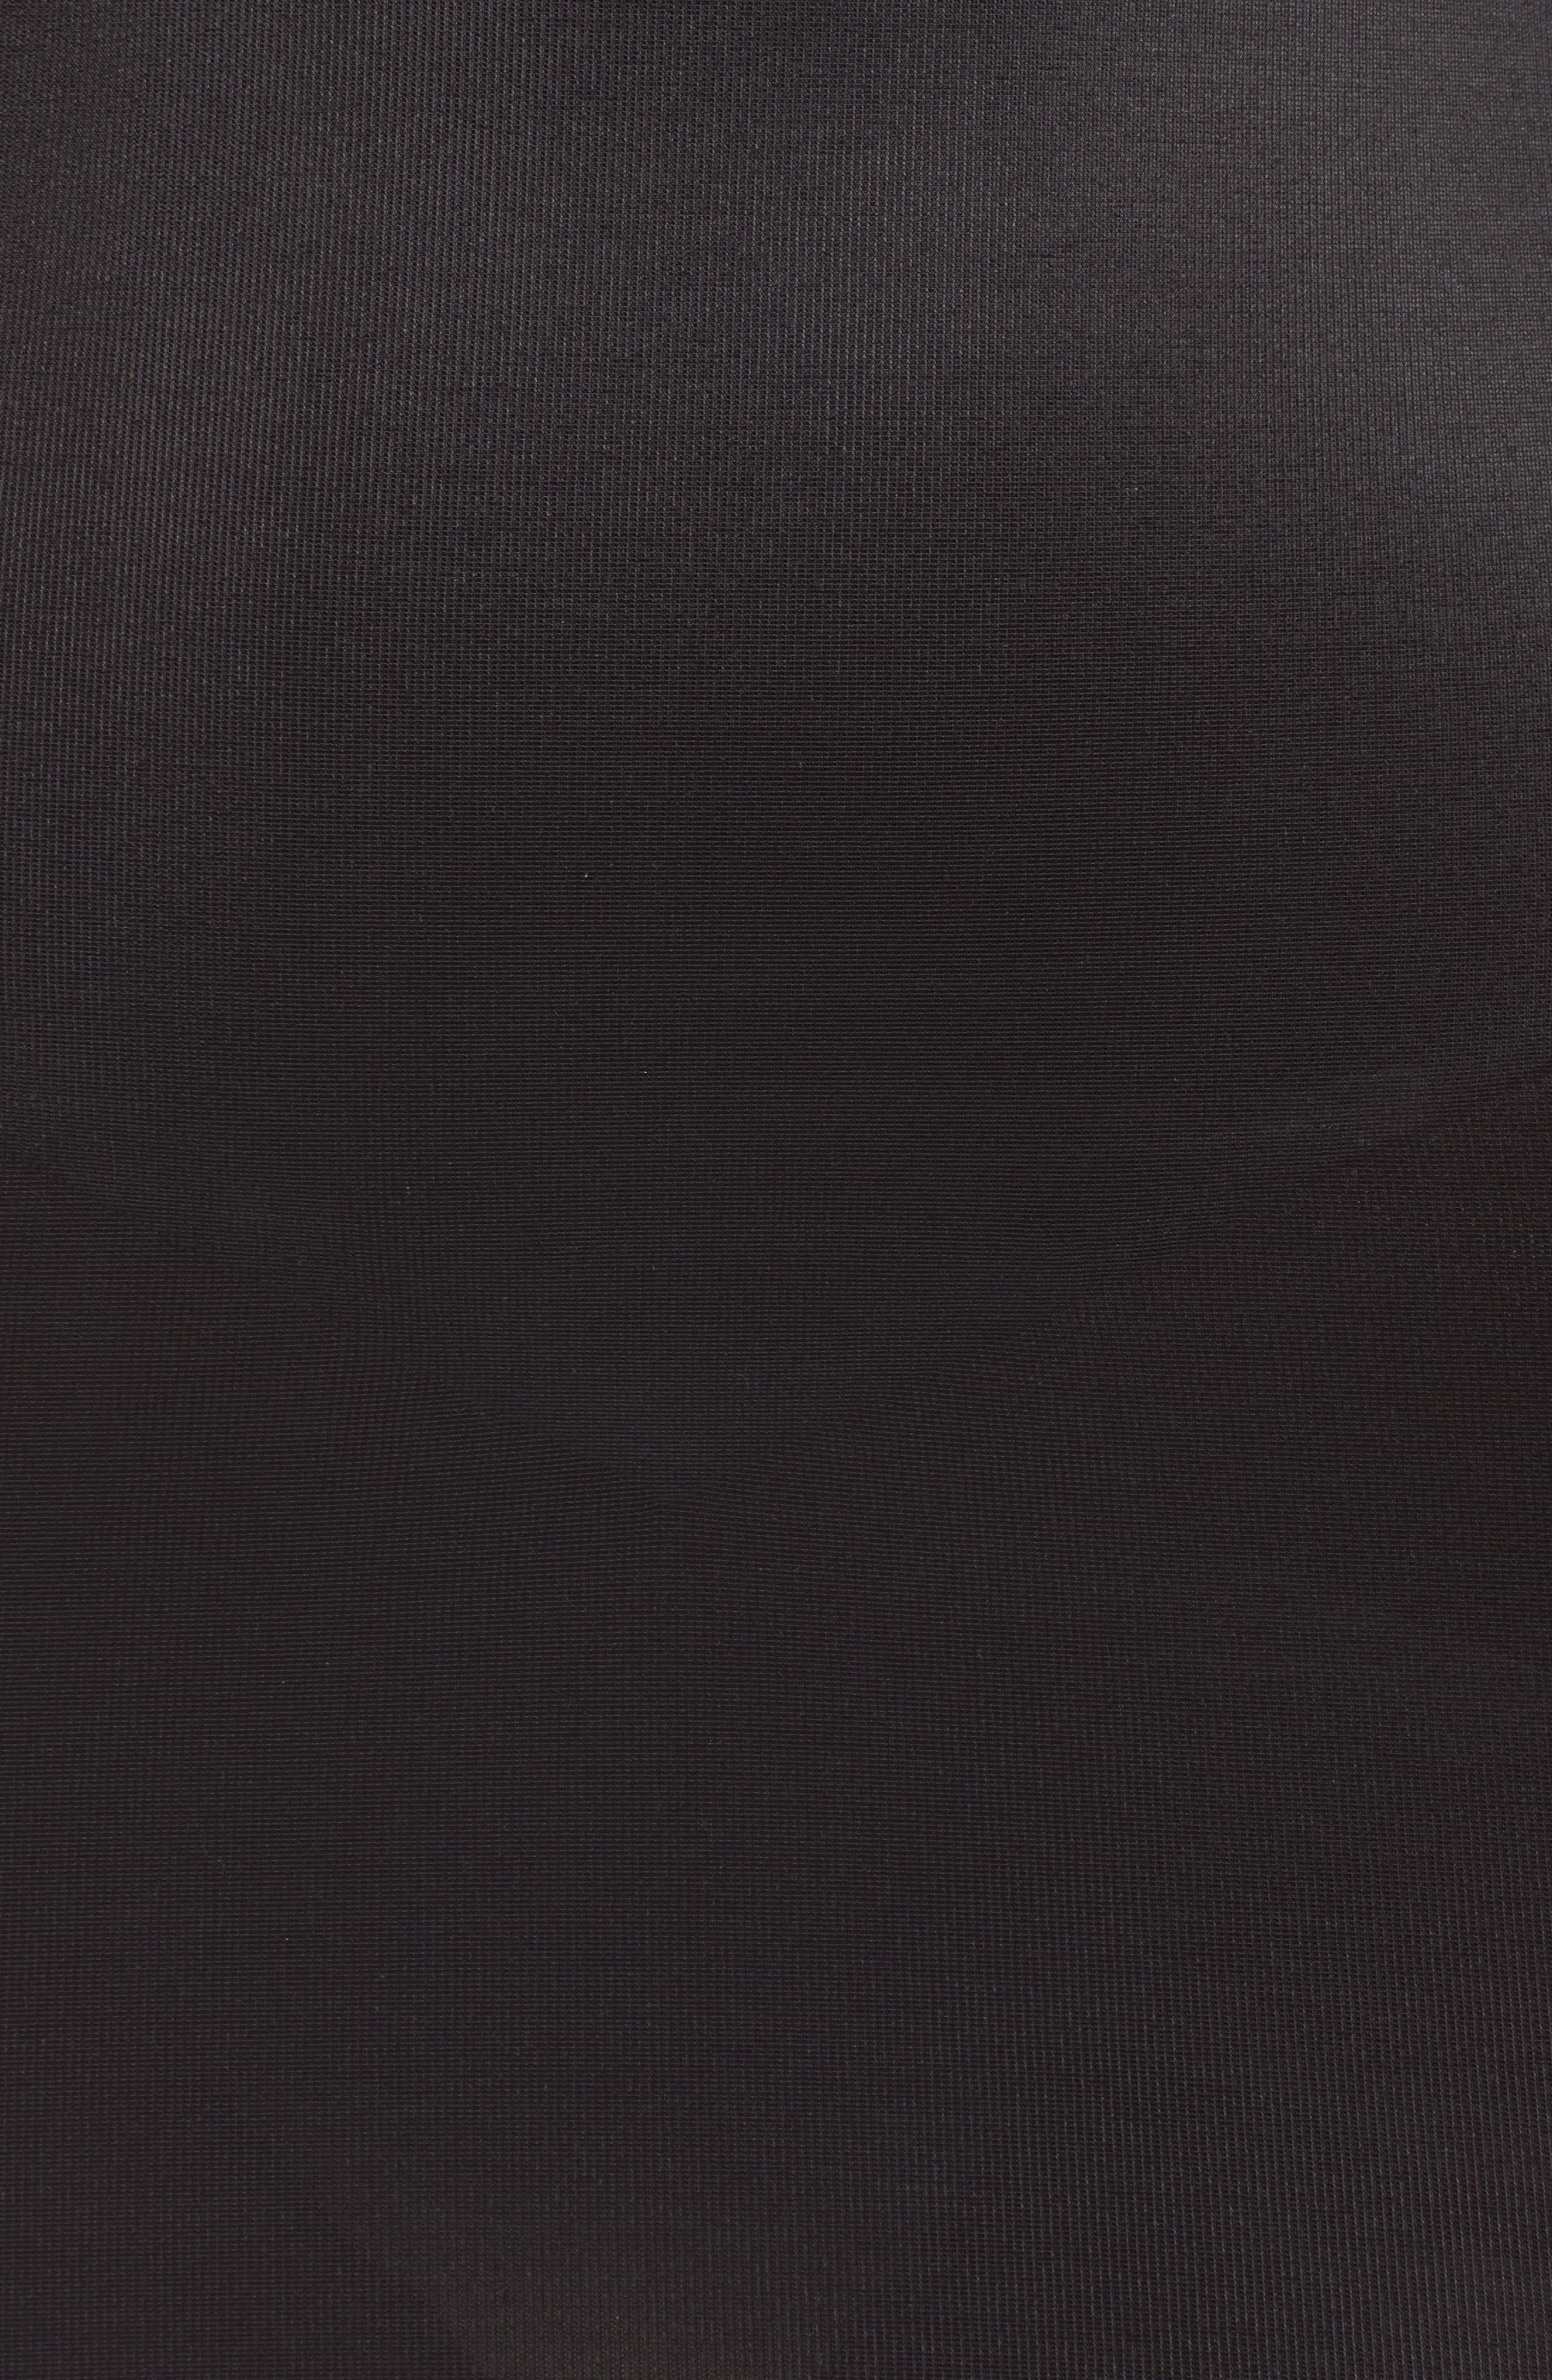 'Torsette' Underbust Shaping Slip,                             Alternate thumbnail 6, color,                             BLACK